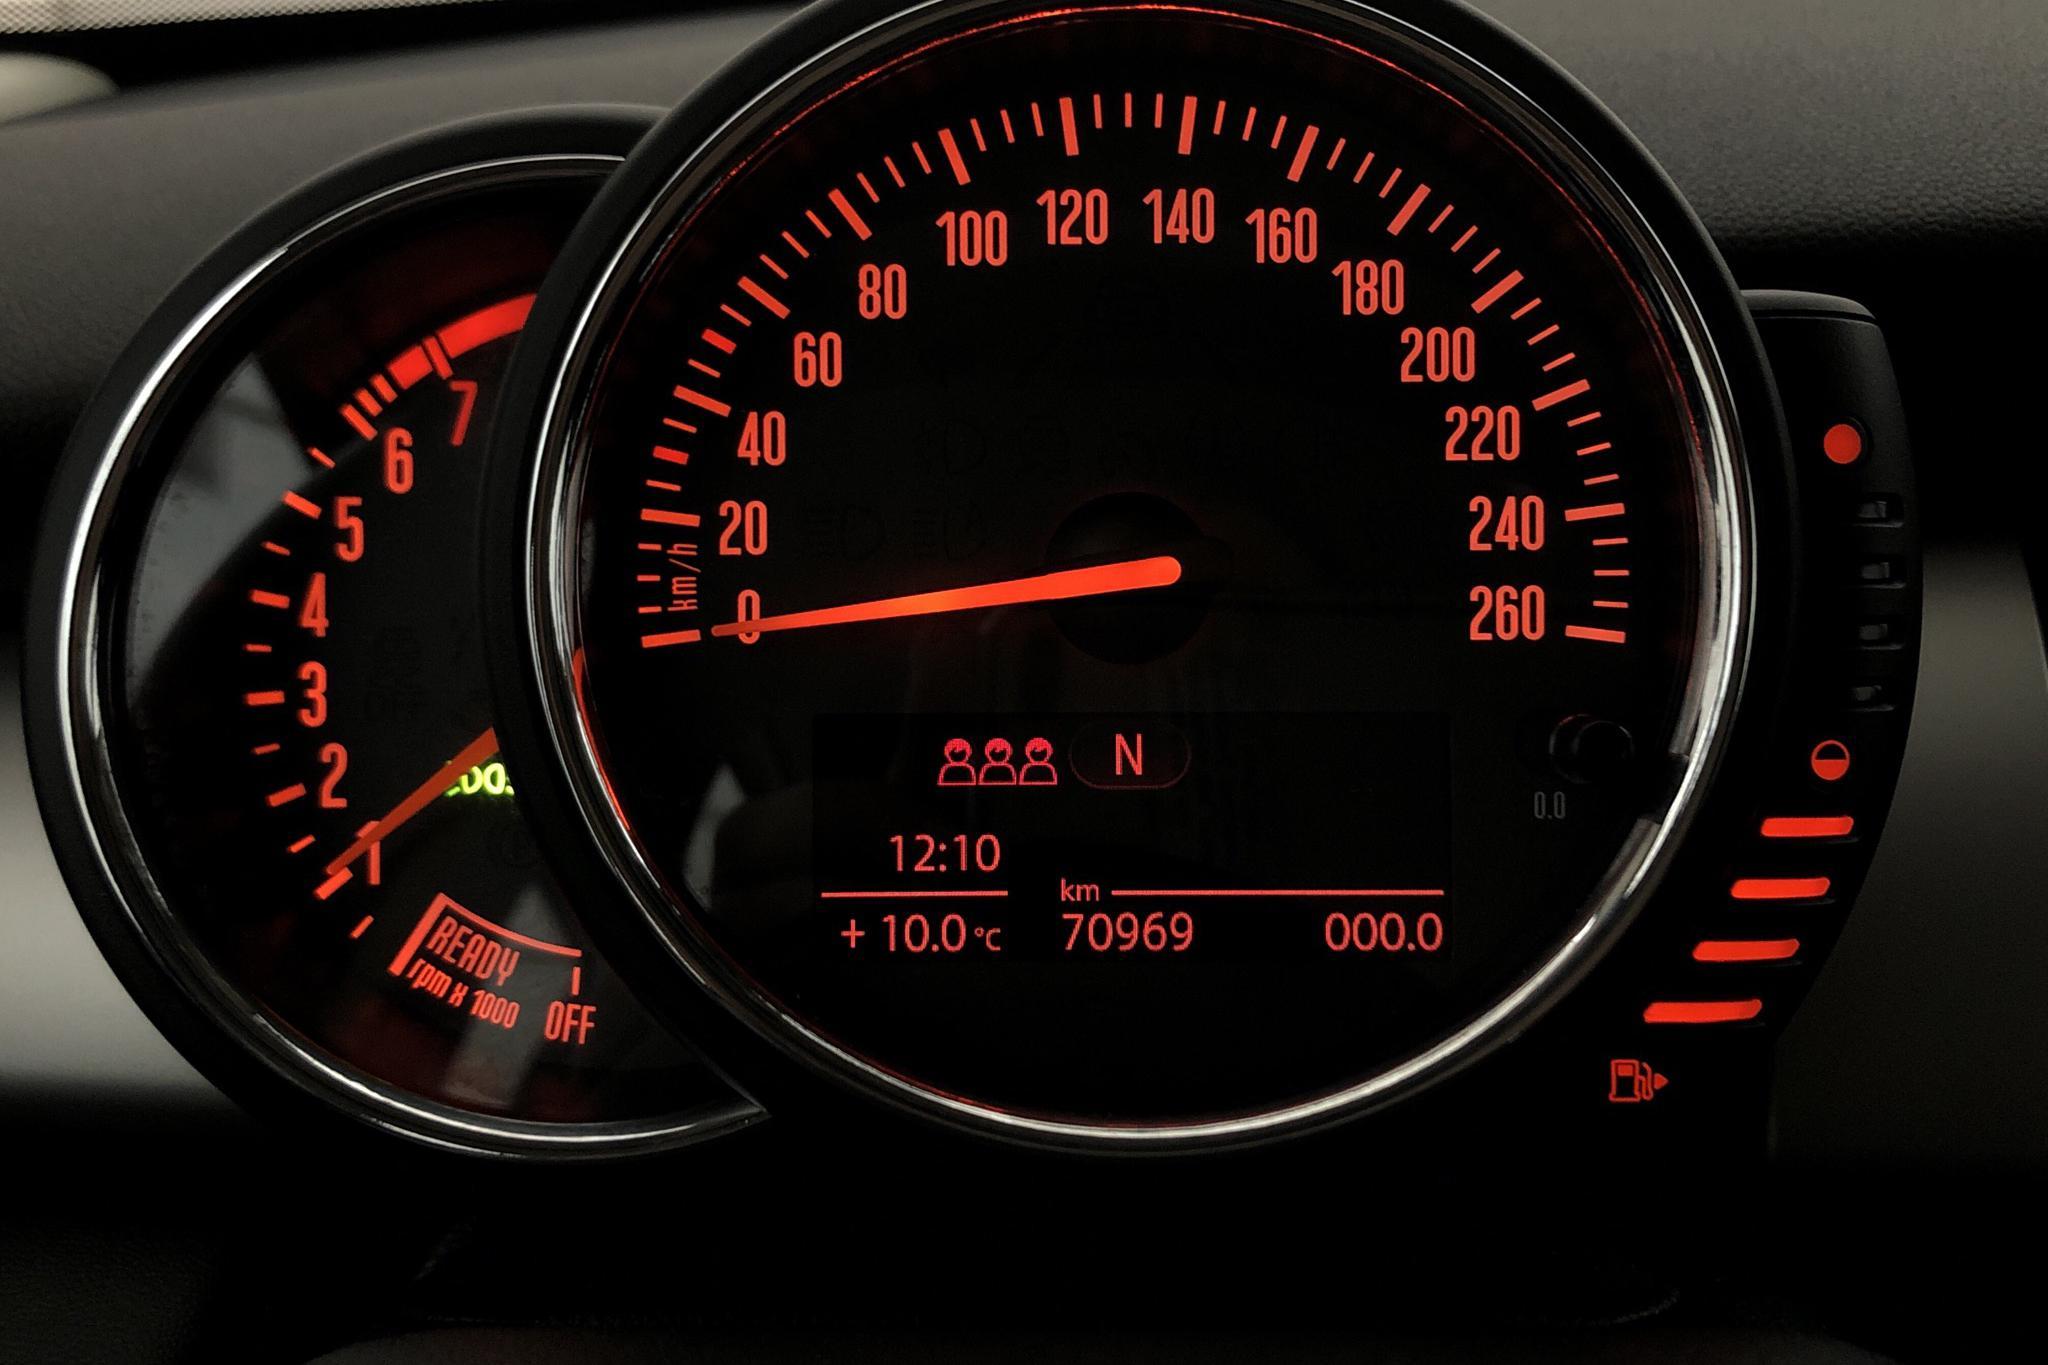 MINI One Hatch 5dr (102hk) - 7 097 mil - Manuell - blå - 2017